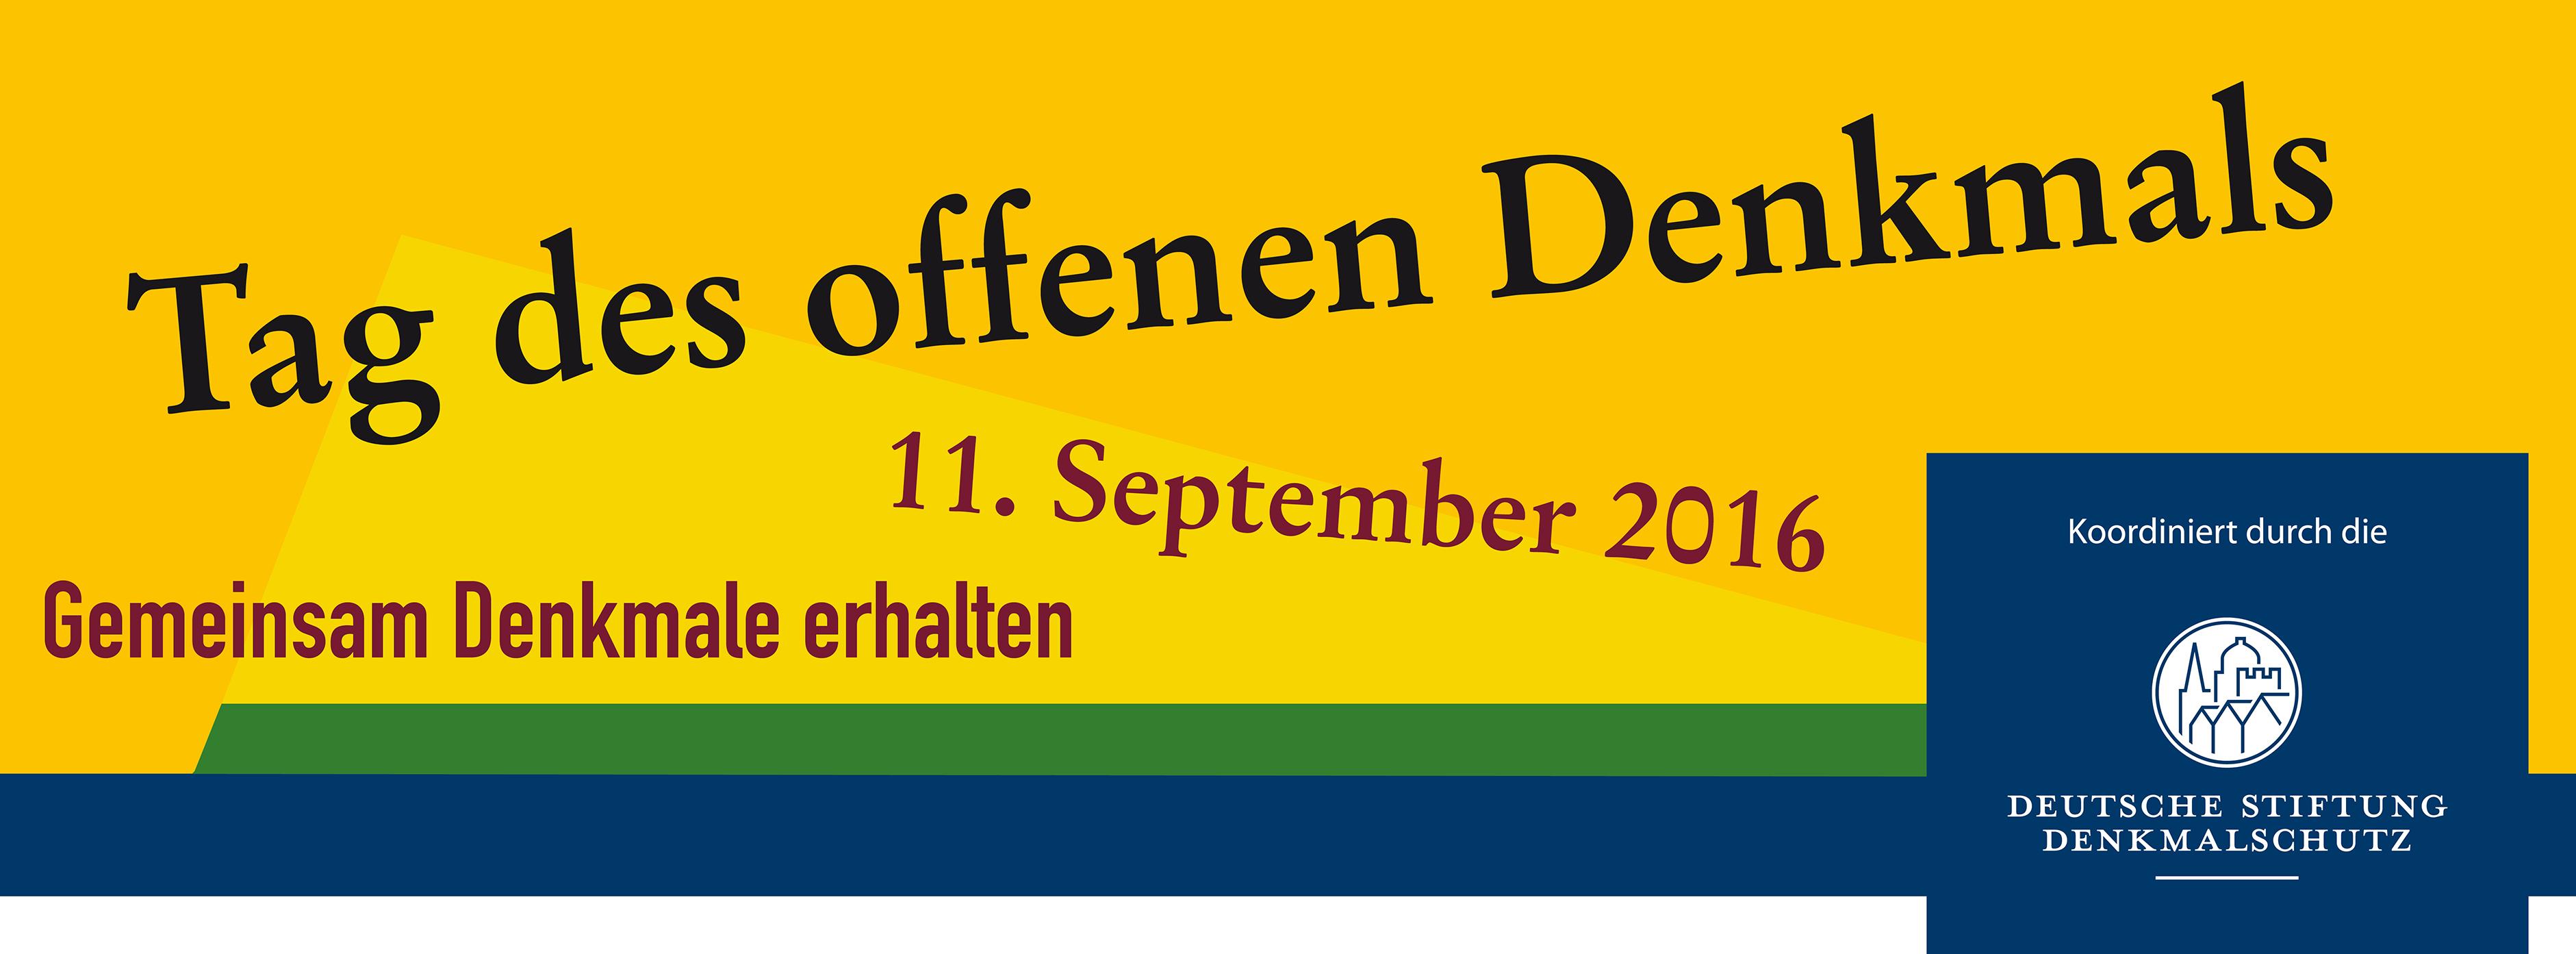 Tag des offenen Denkmals – 11. September 2016